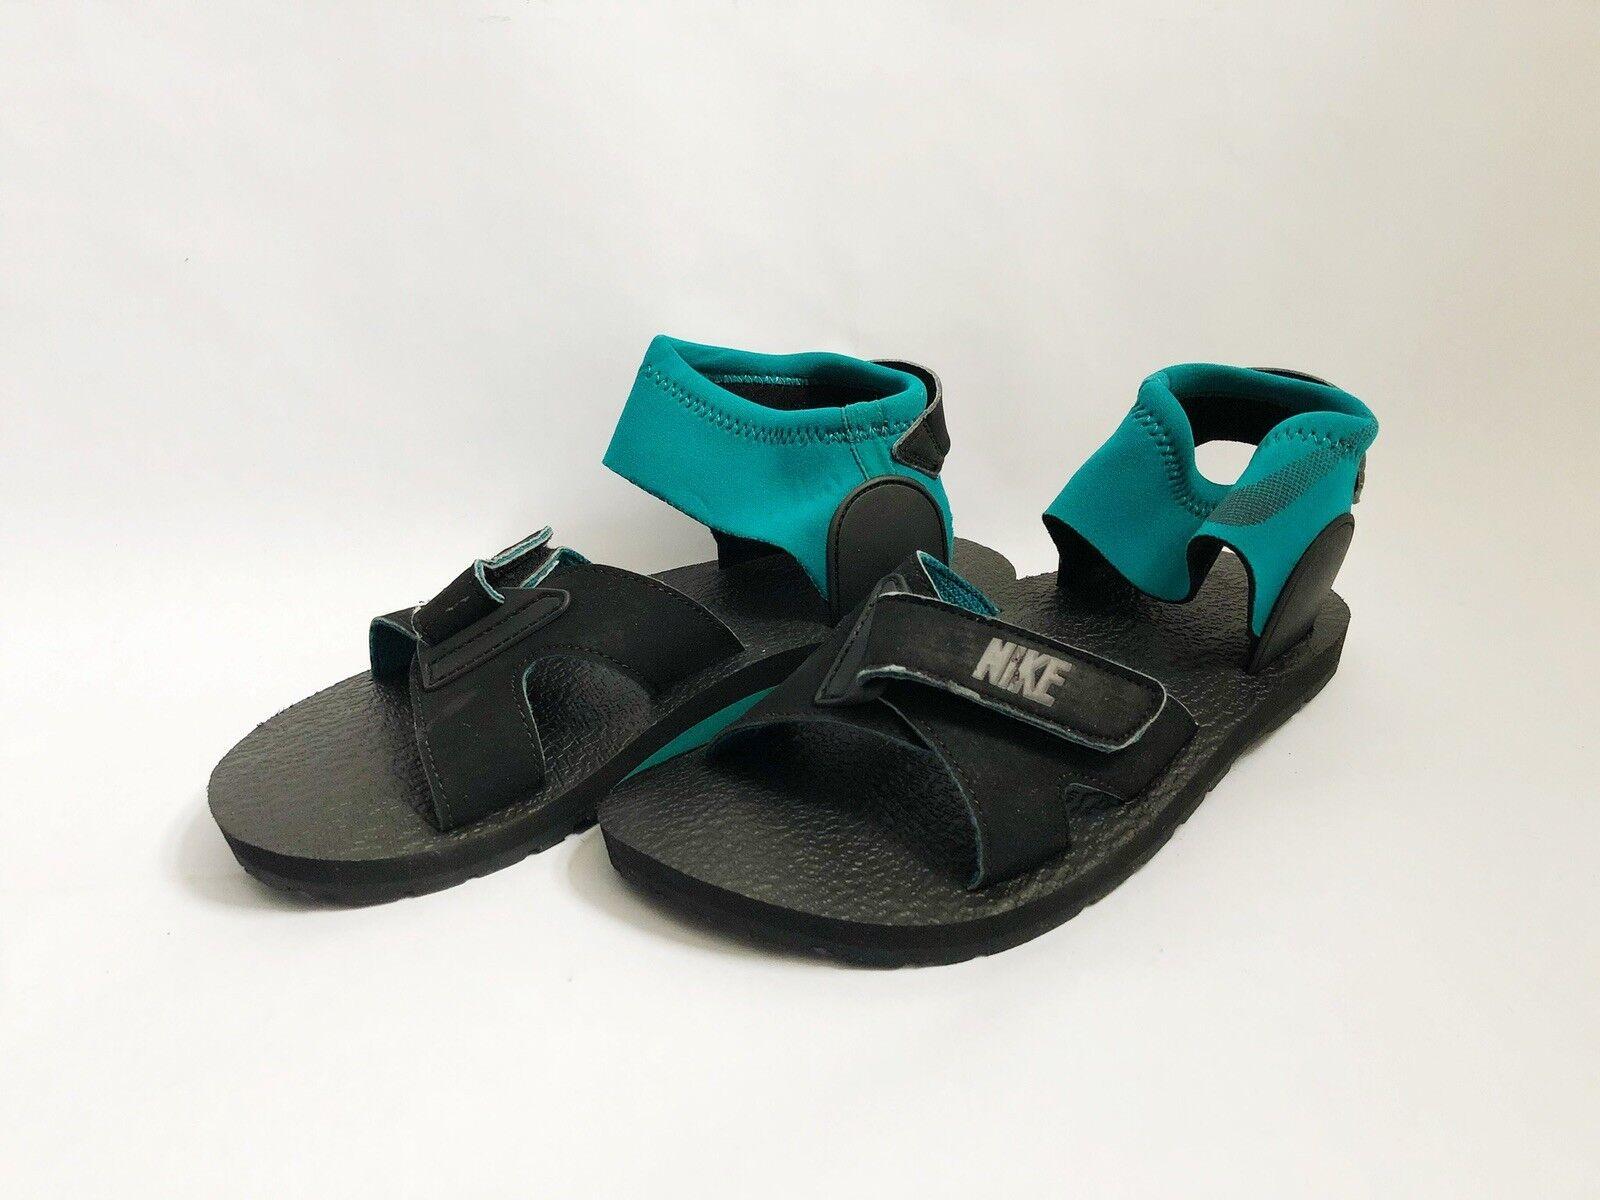 Vintage nike ACG beo sandals shoes men's size 9 deadstock NIB 1992 NOS deschutz